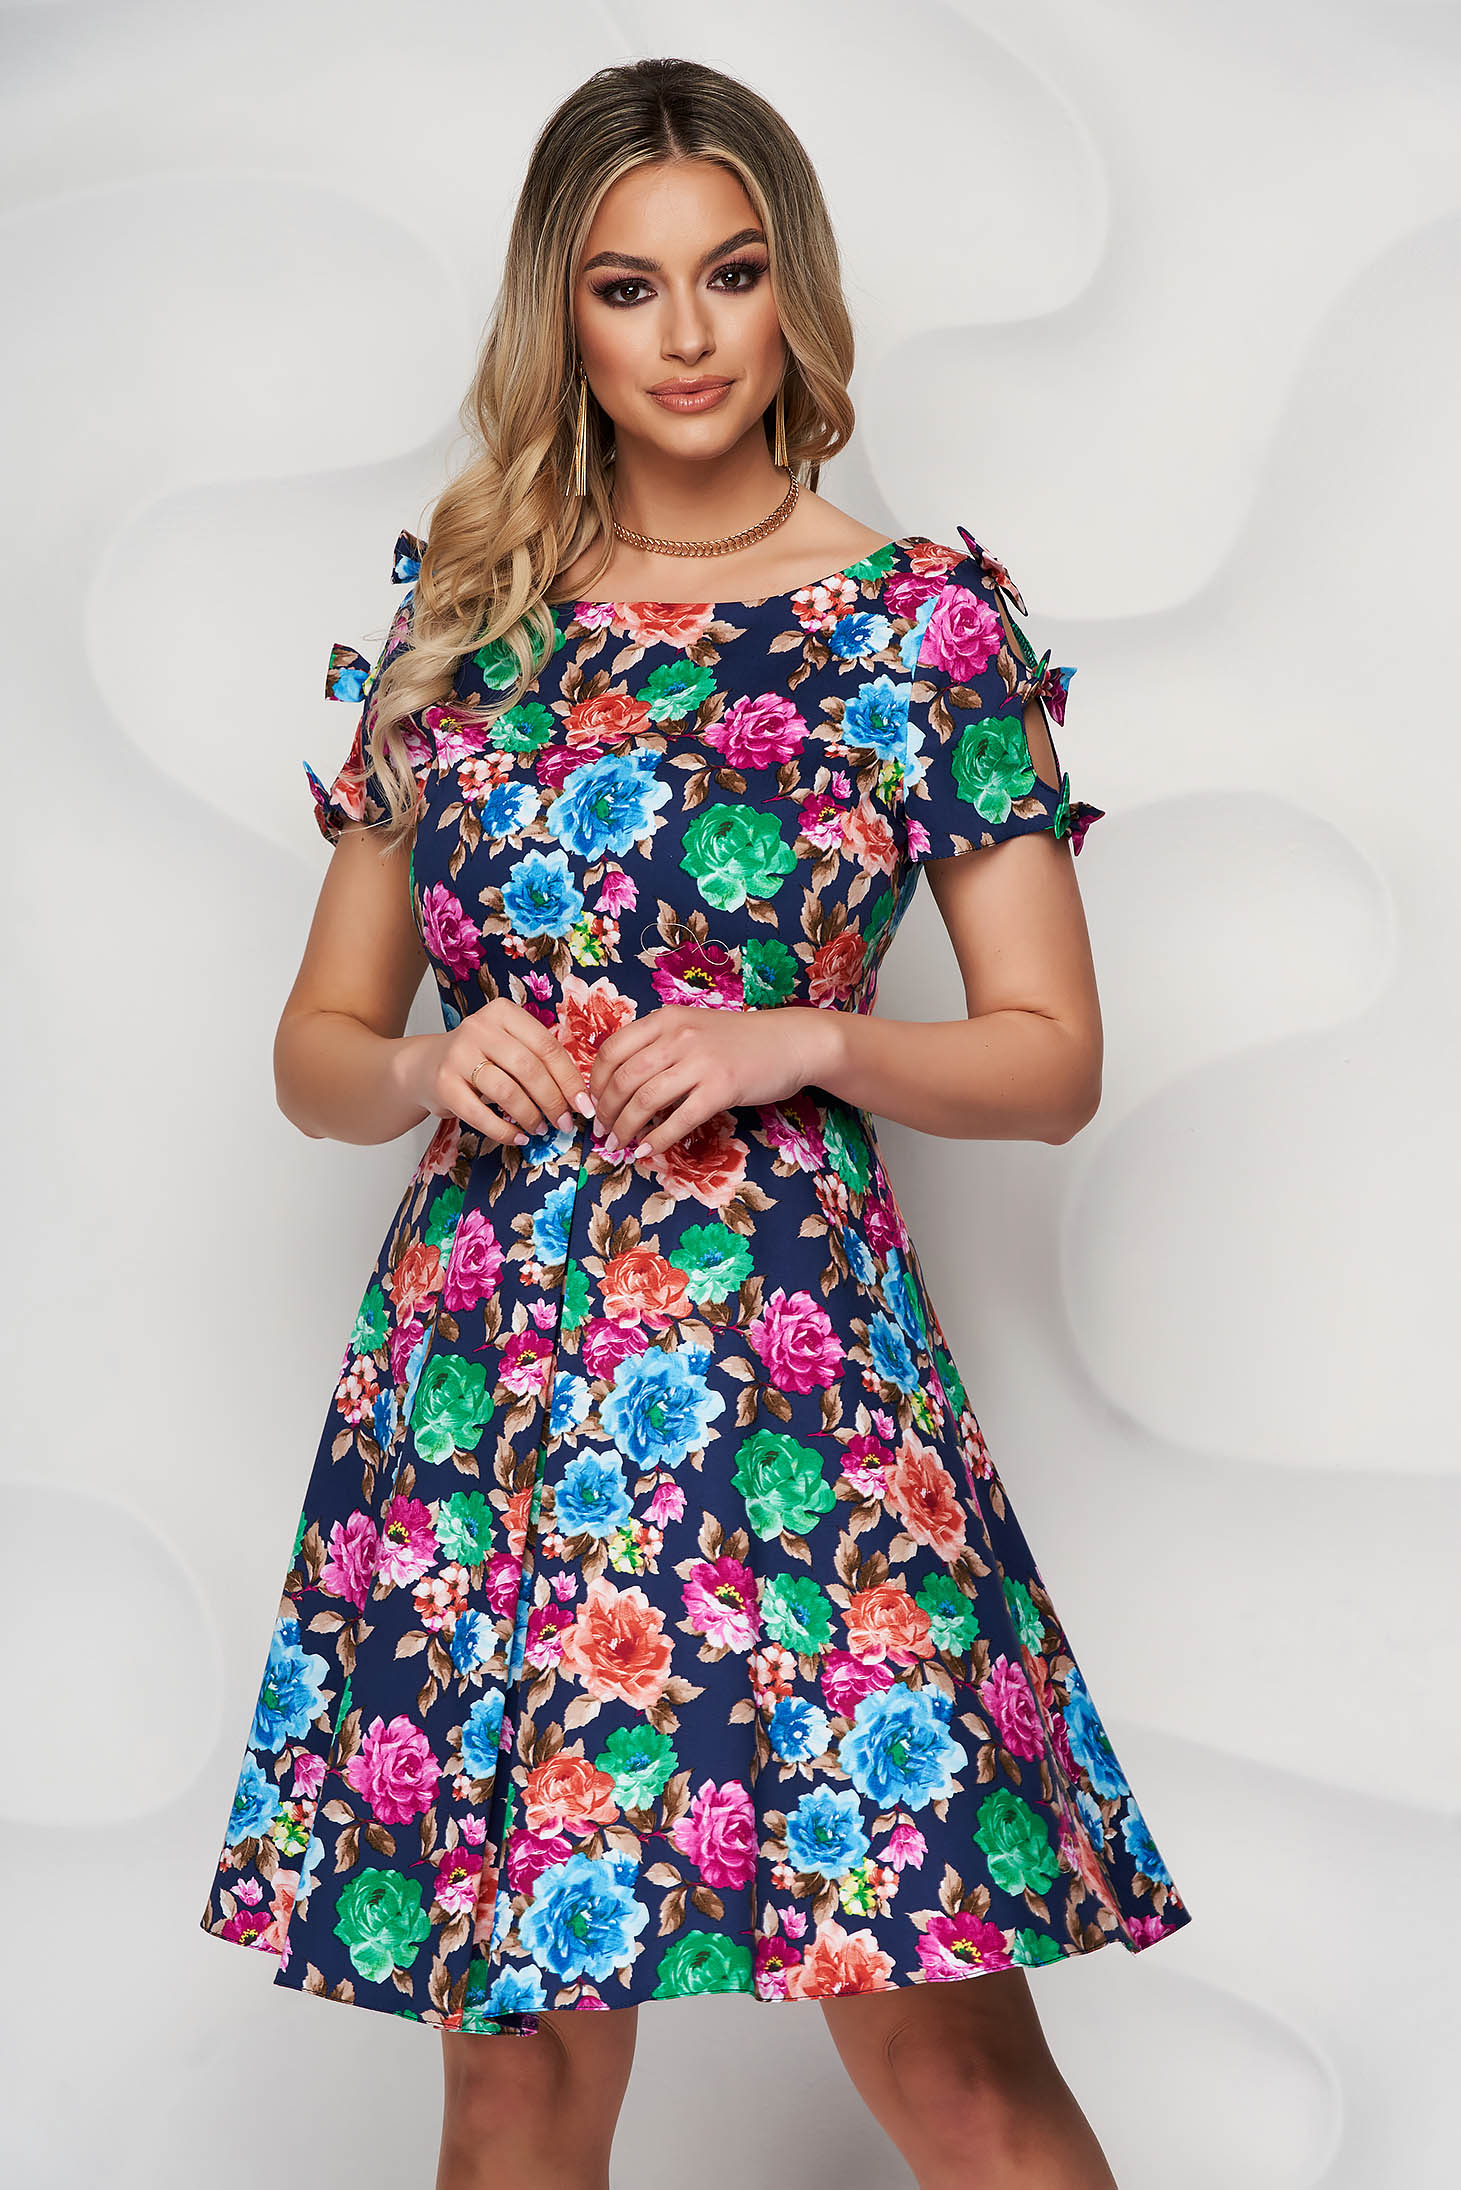 Rochie cu imprimeu floral multicolor din material usor elastic in clos accesorizata cu fundite